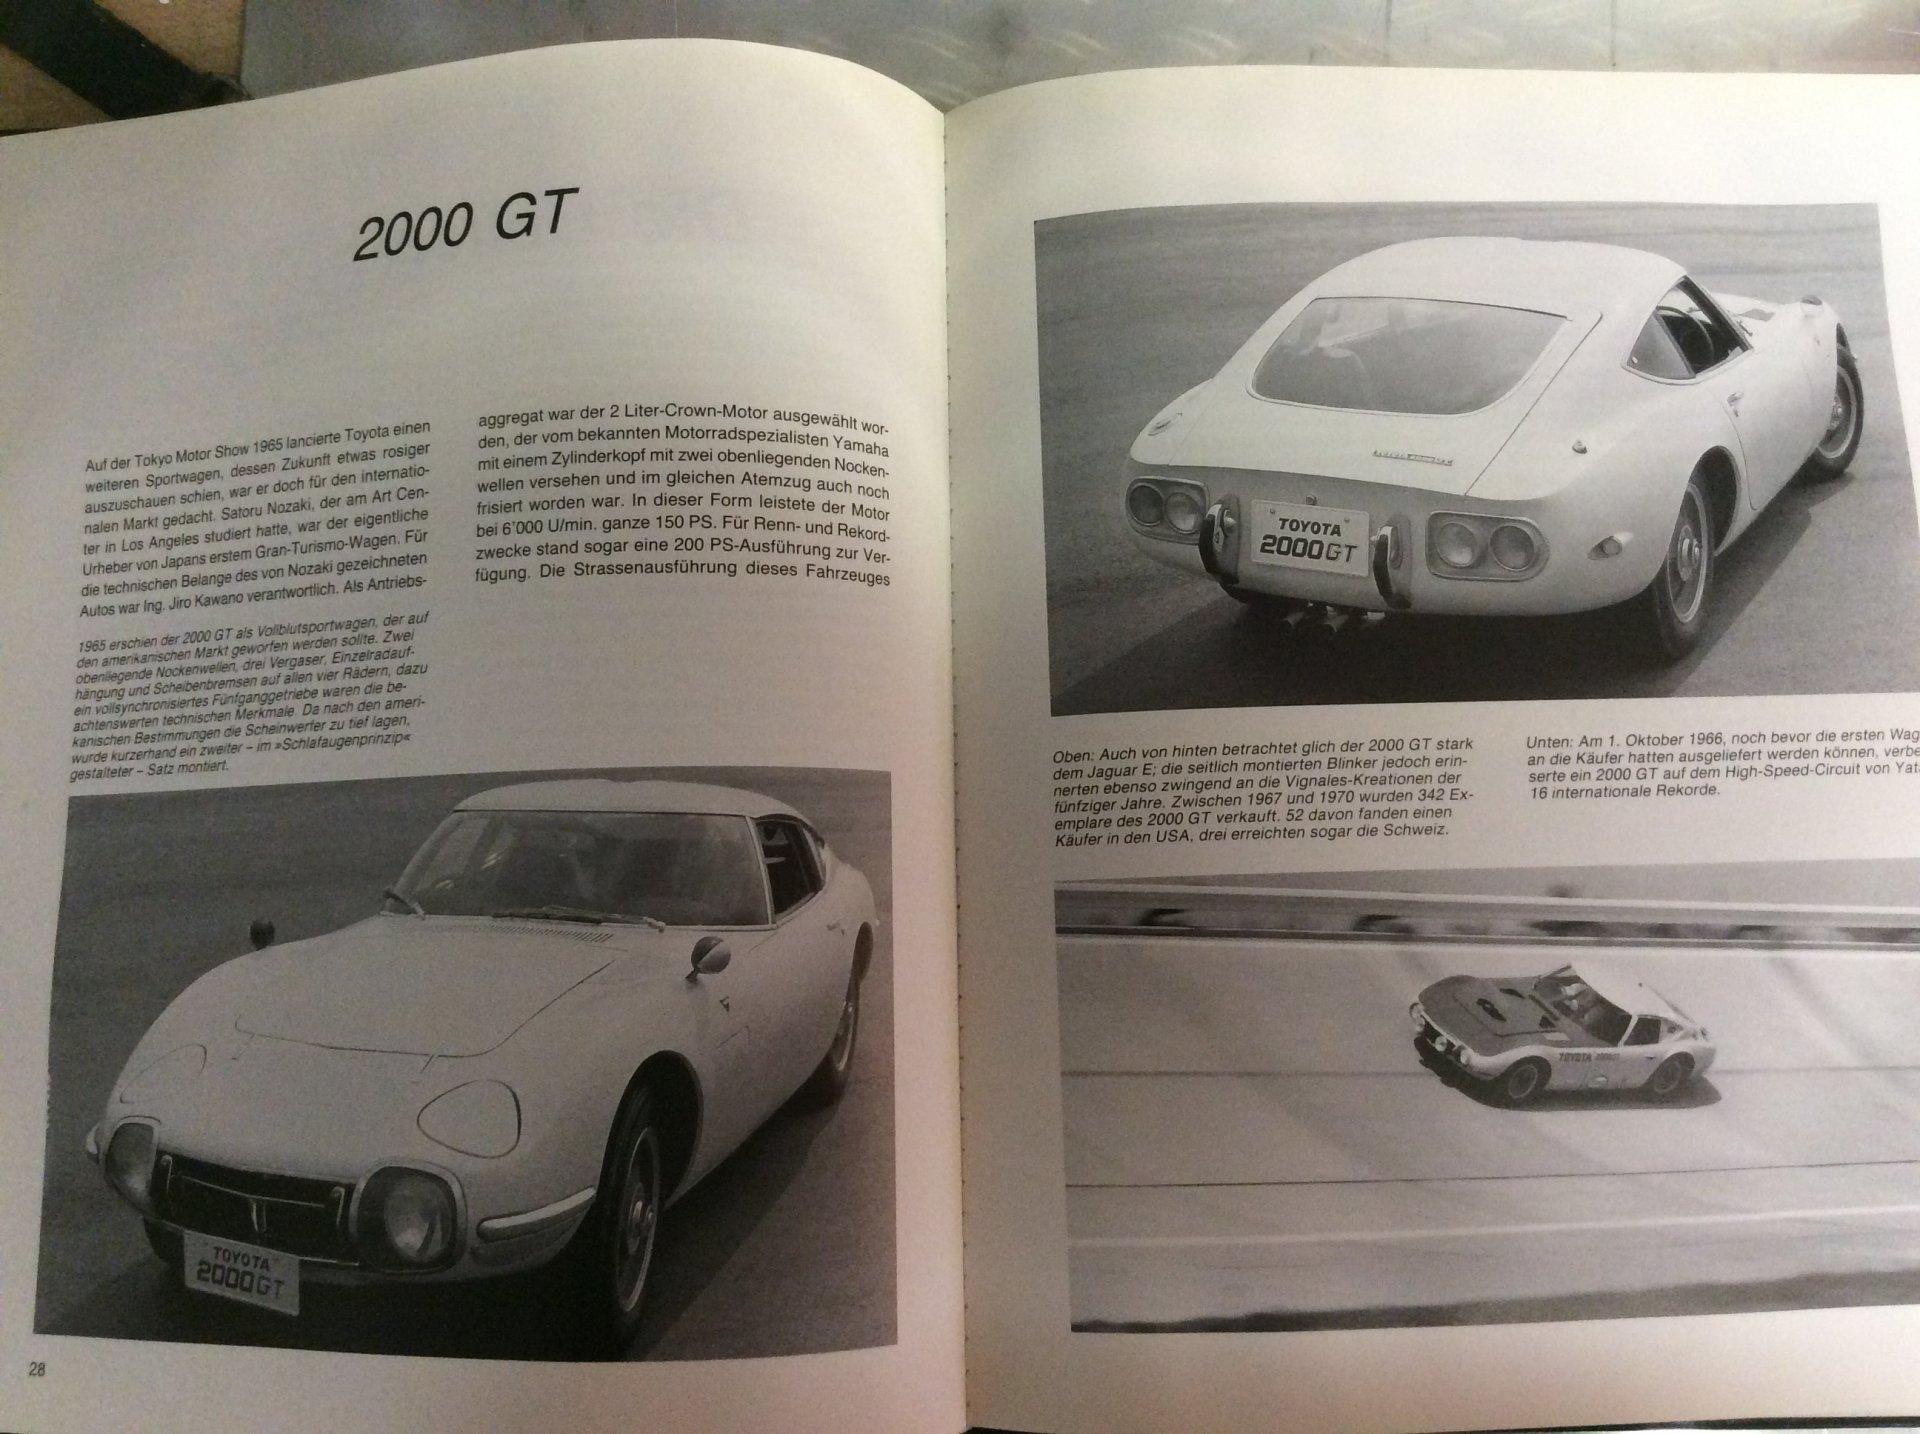 Toyota Celica Geschichte Und Modellentwicklung